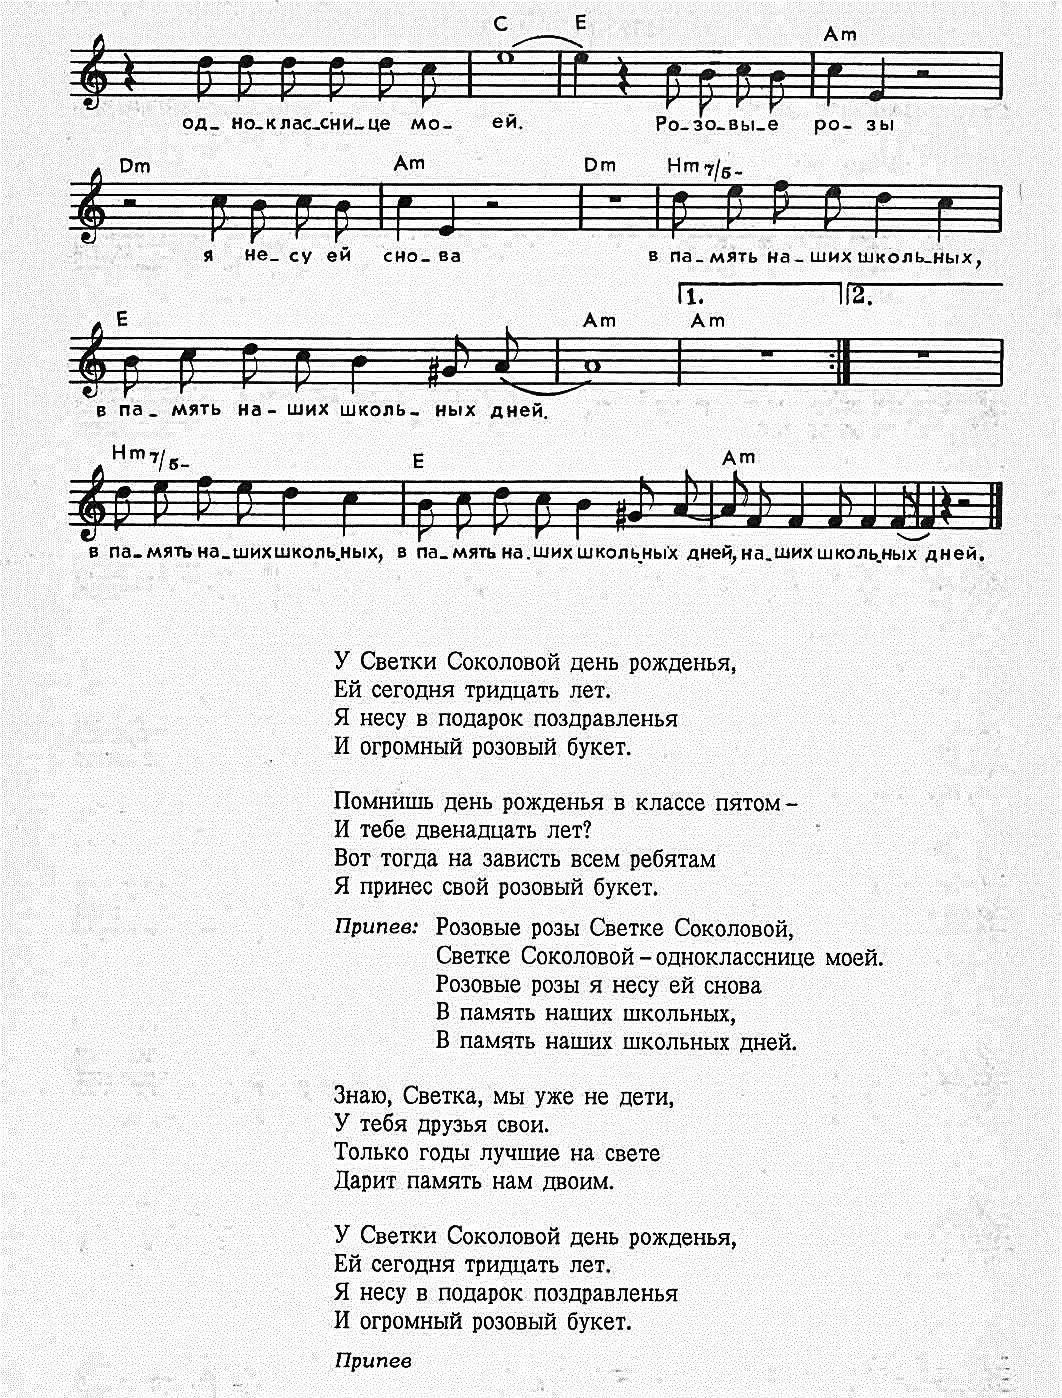 ПЕСНЮ У СВЕТКИ СОКОЛОВОЙ ДЕНЬ РОЖДЕНИЯ СКАЧАТЬ БЕСПЛАТНО